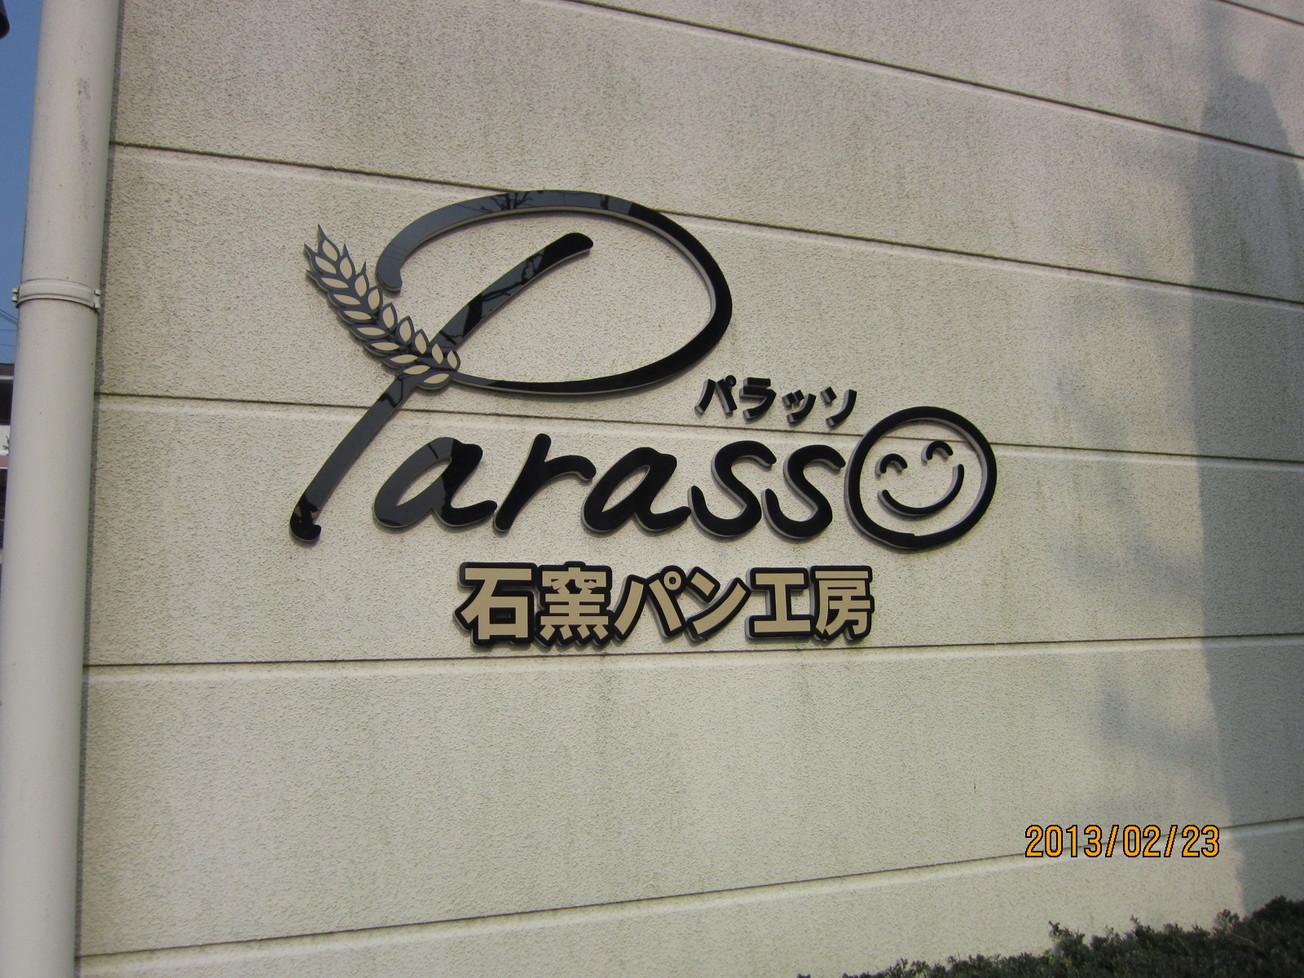 パラッソ 伊敷ニュータウン店